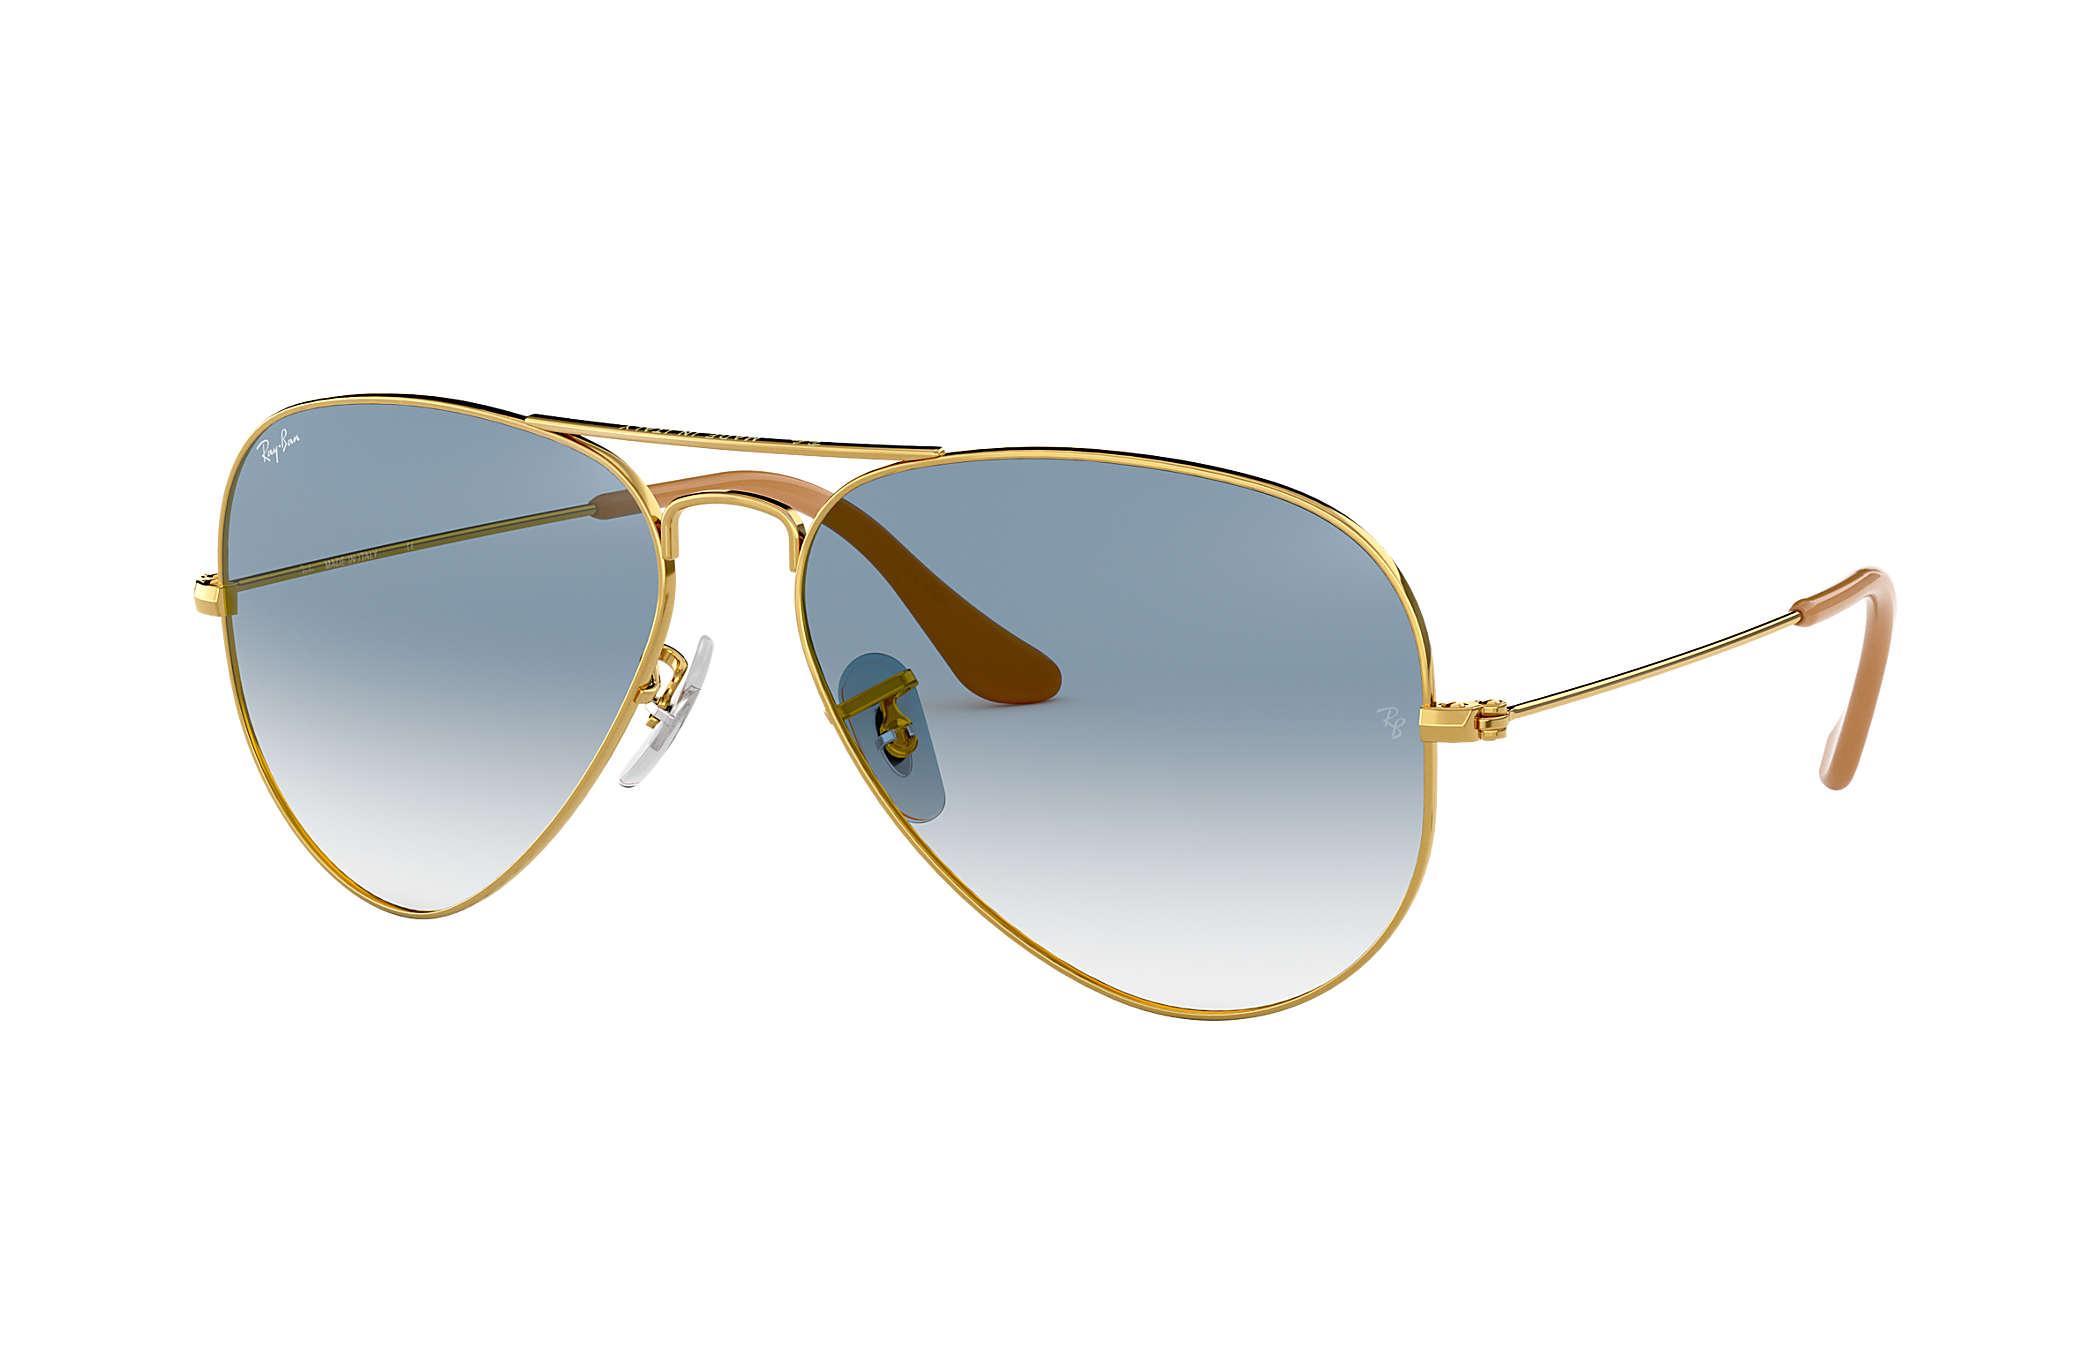 Ray-Ban Aviator Gradiente RB3025L Ouro - Metal - Lentes Azulclaro ... 769a148741